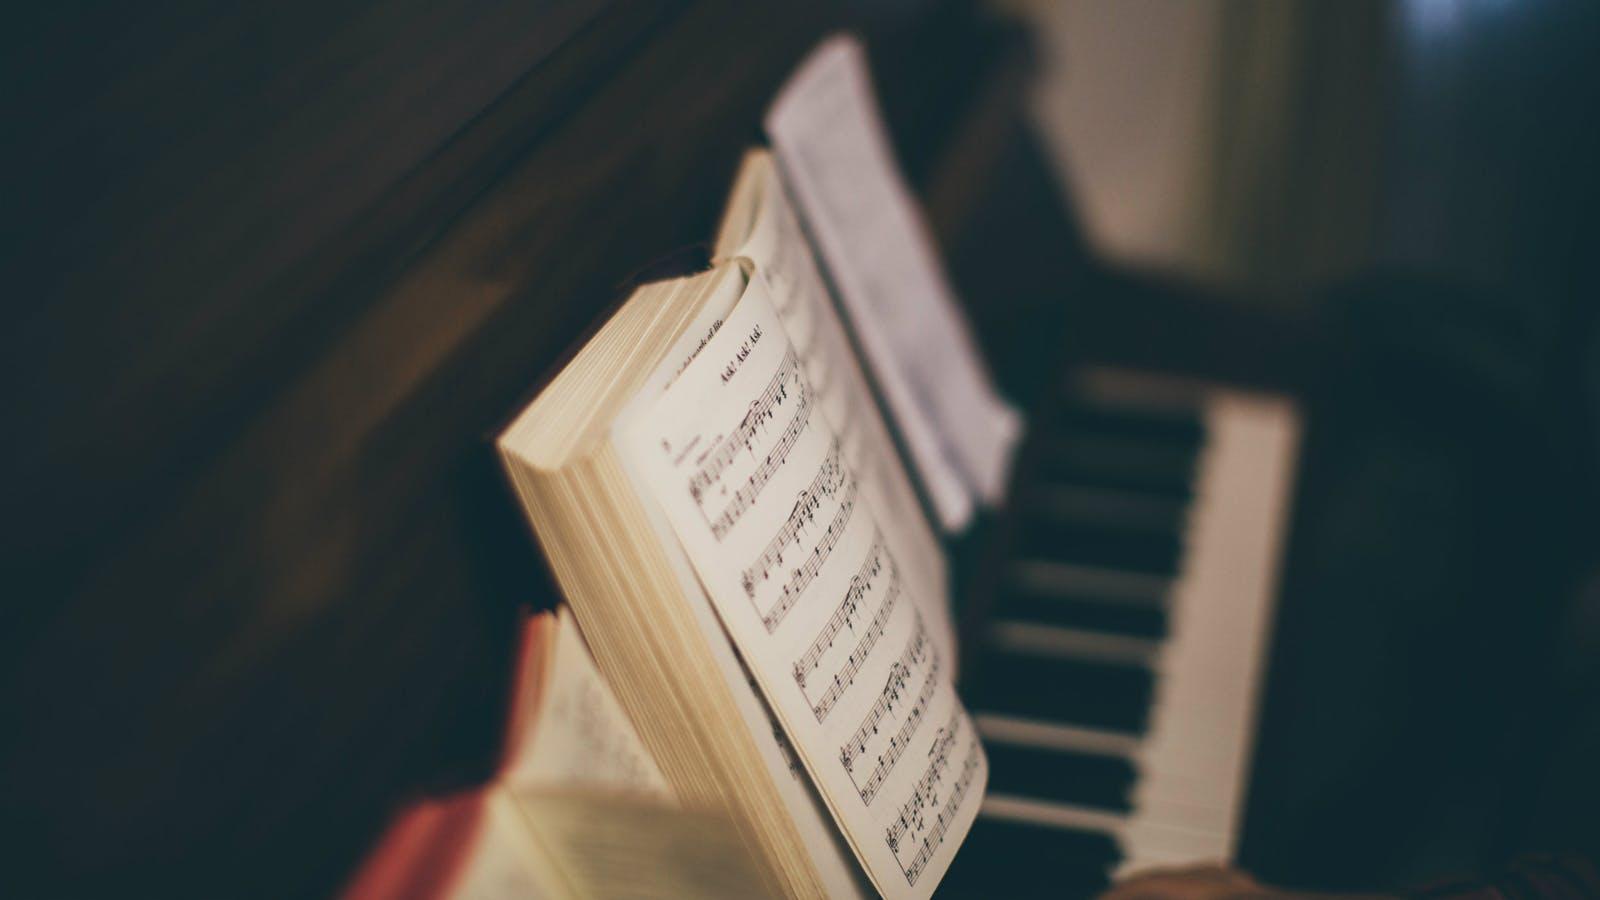 Cómo comenzar a pensar en la liturgia de su iglesia local